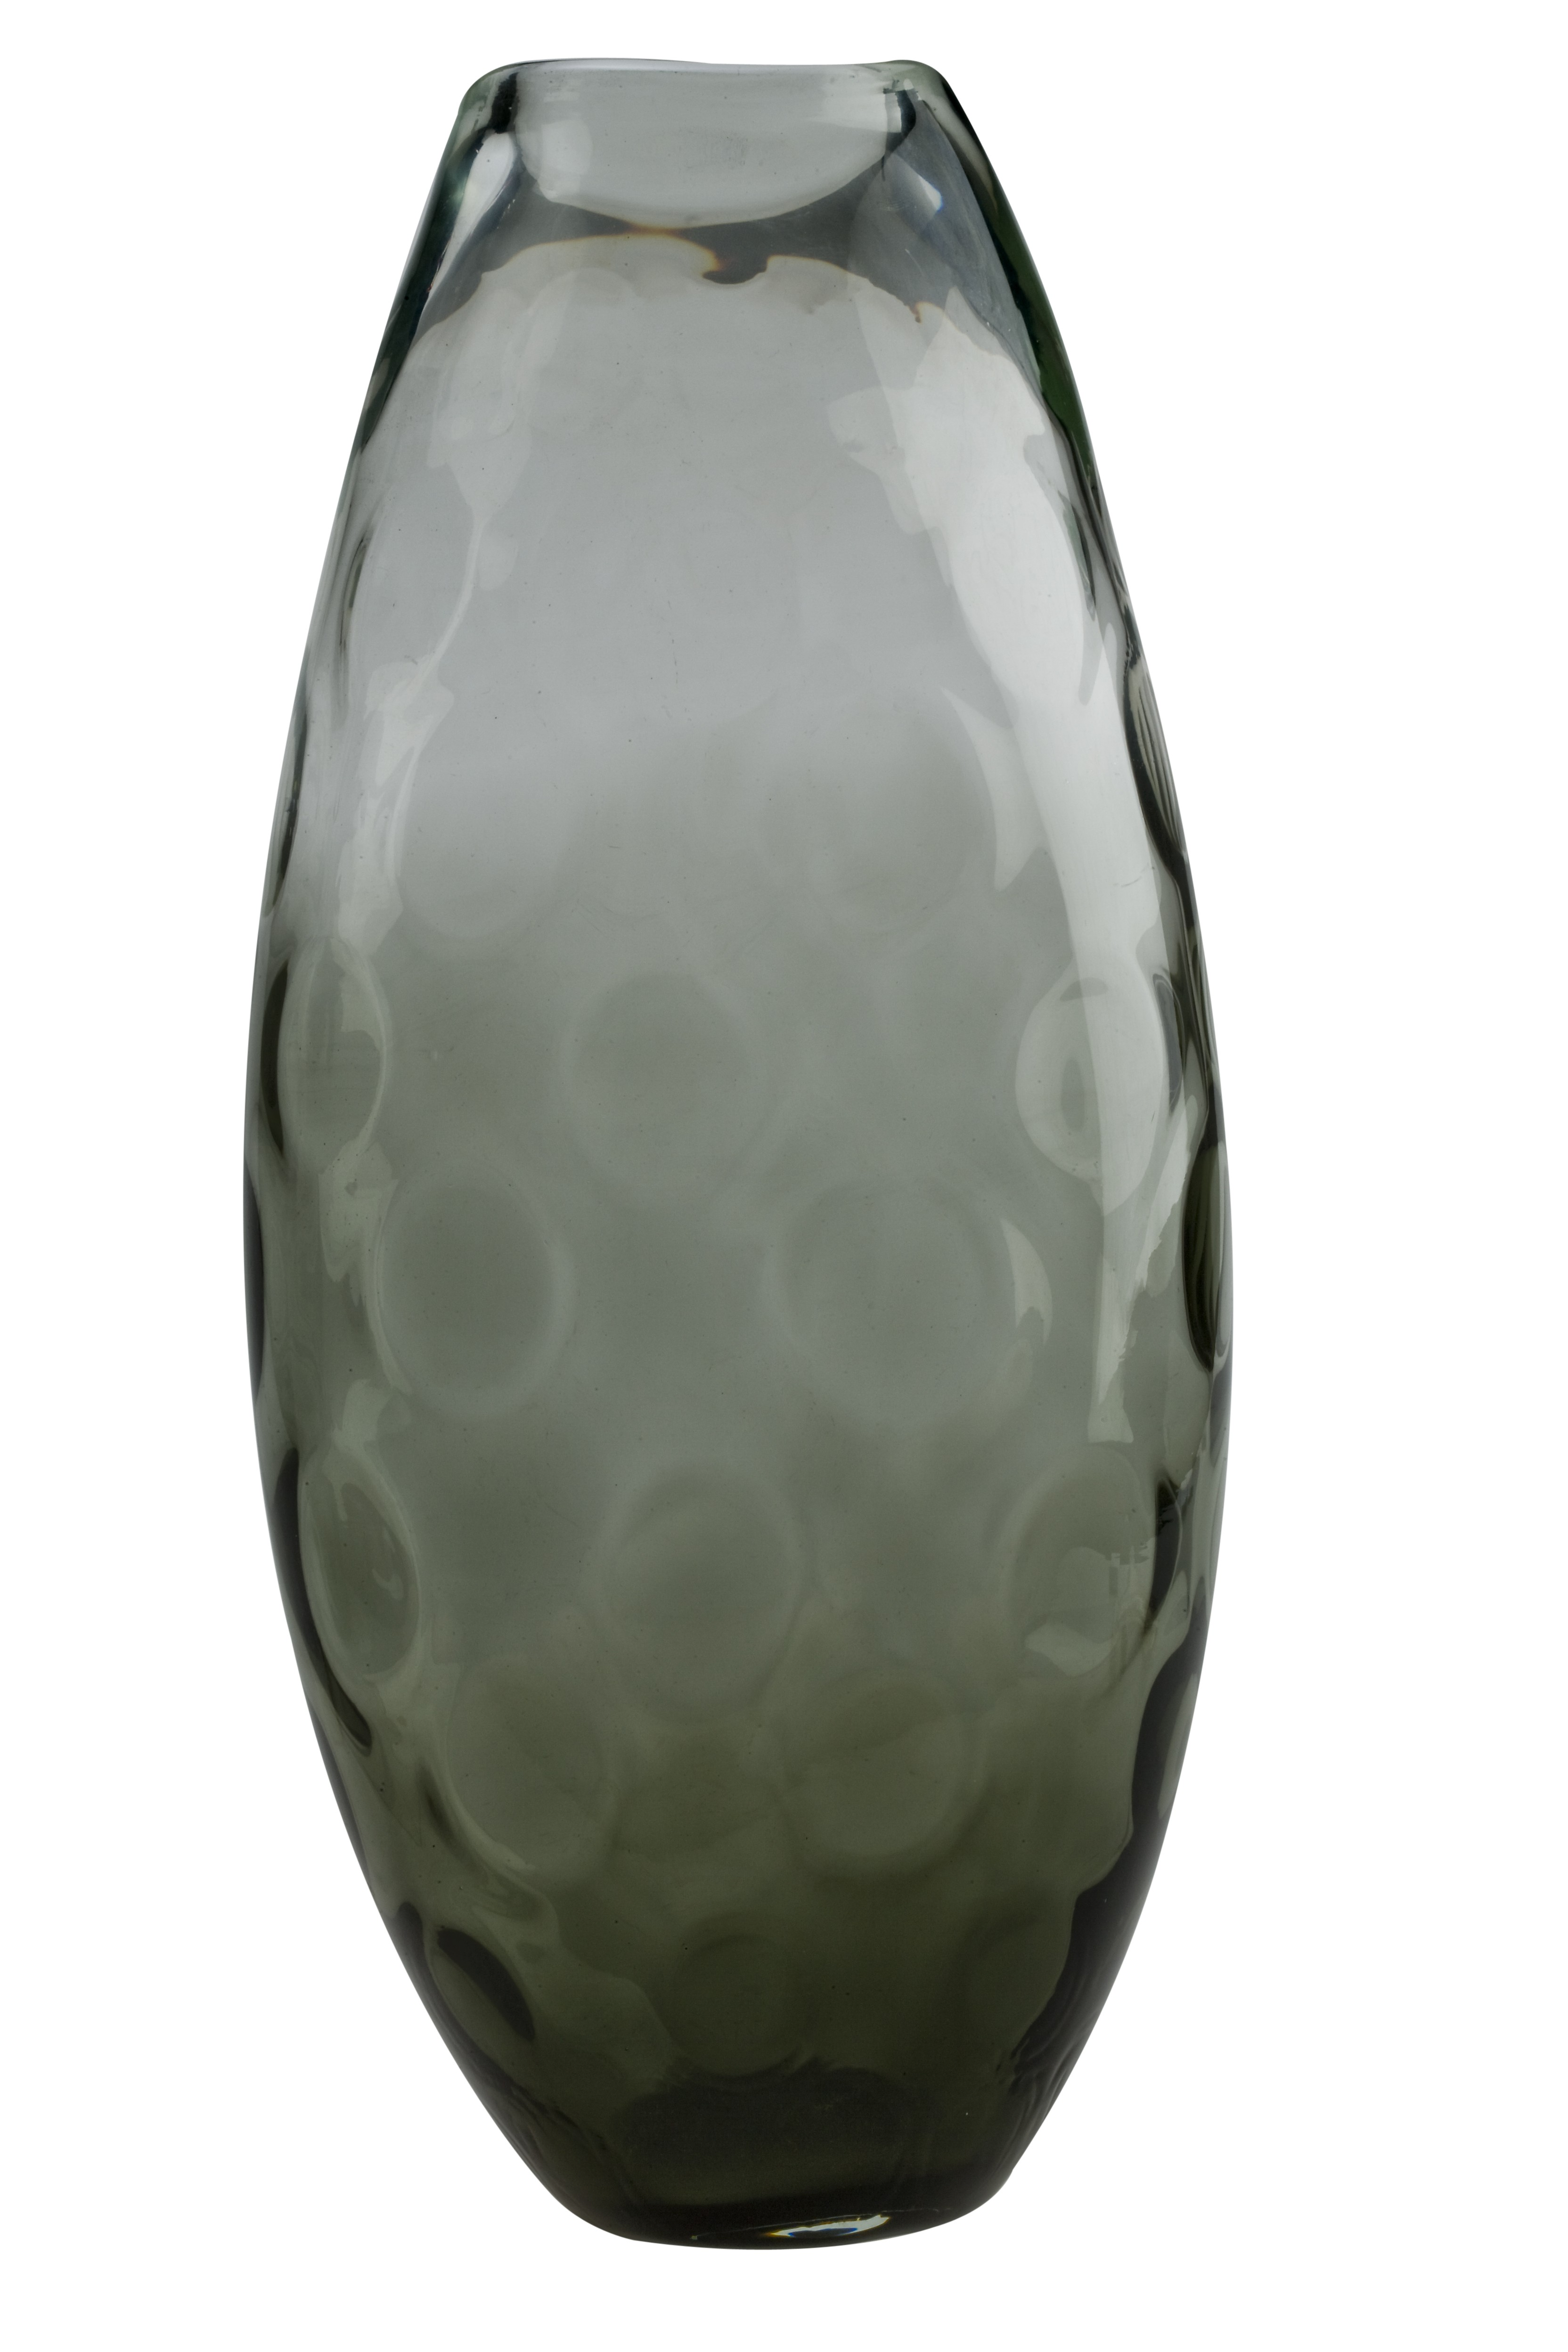 Ανθοδοχείο Smokey Φυσητό 42cm home   κρυσταλλα  διακοσμηση   κρύσταλλα